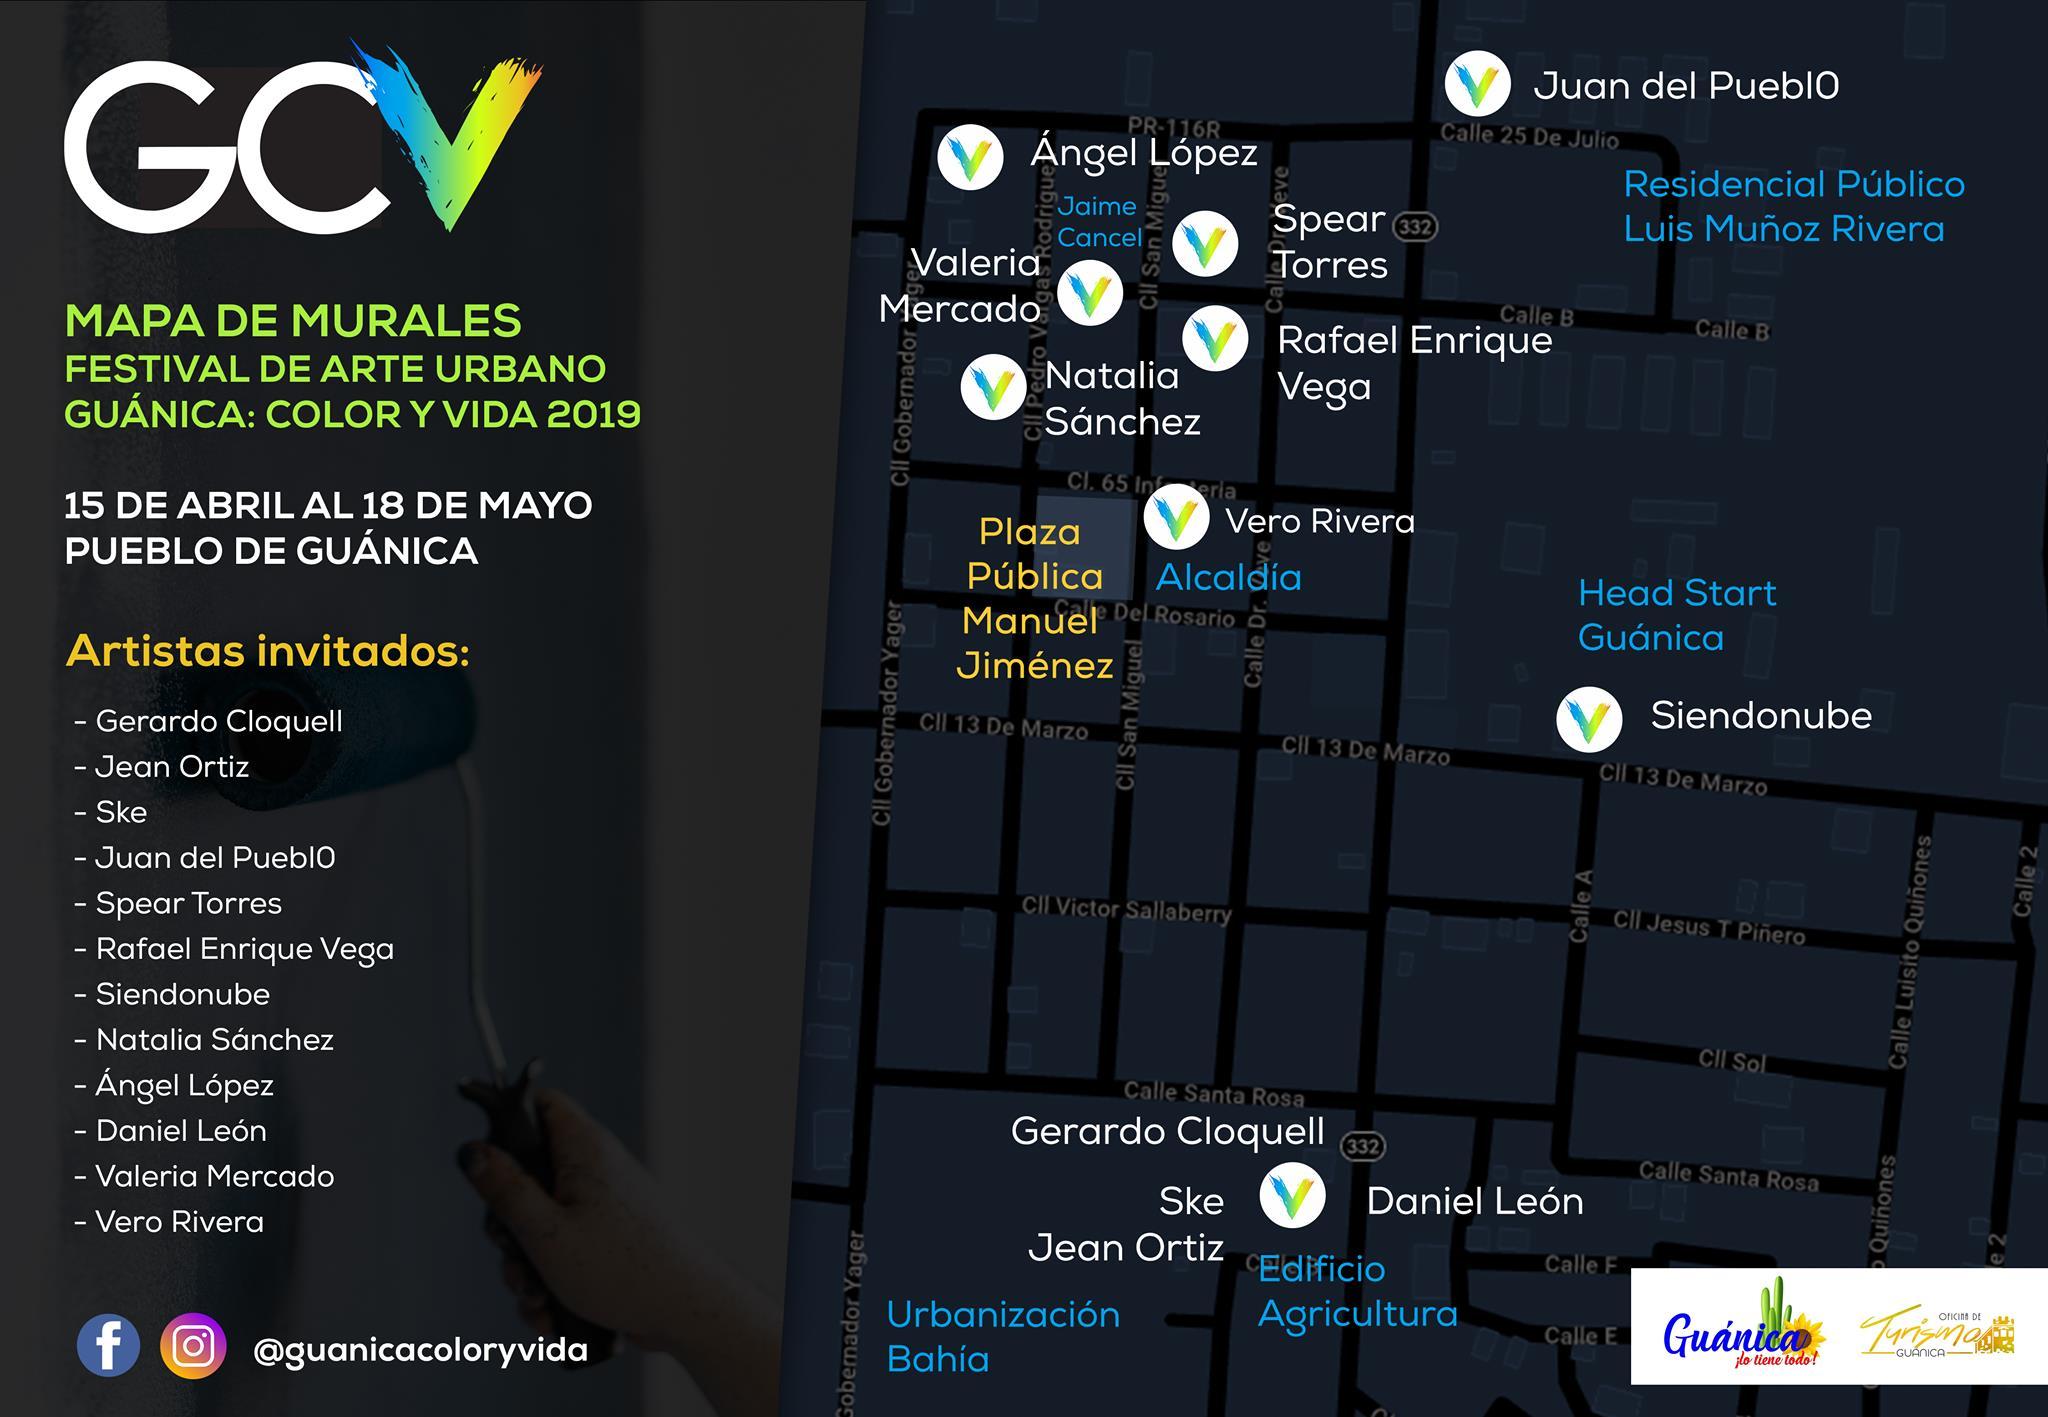 Mapa del evento de murles Guánica: color y vida.